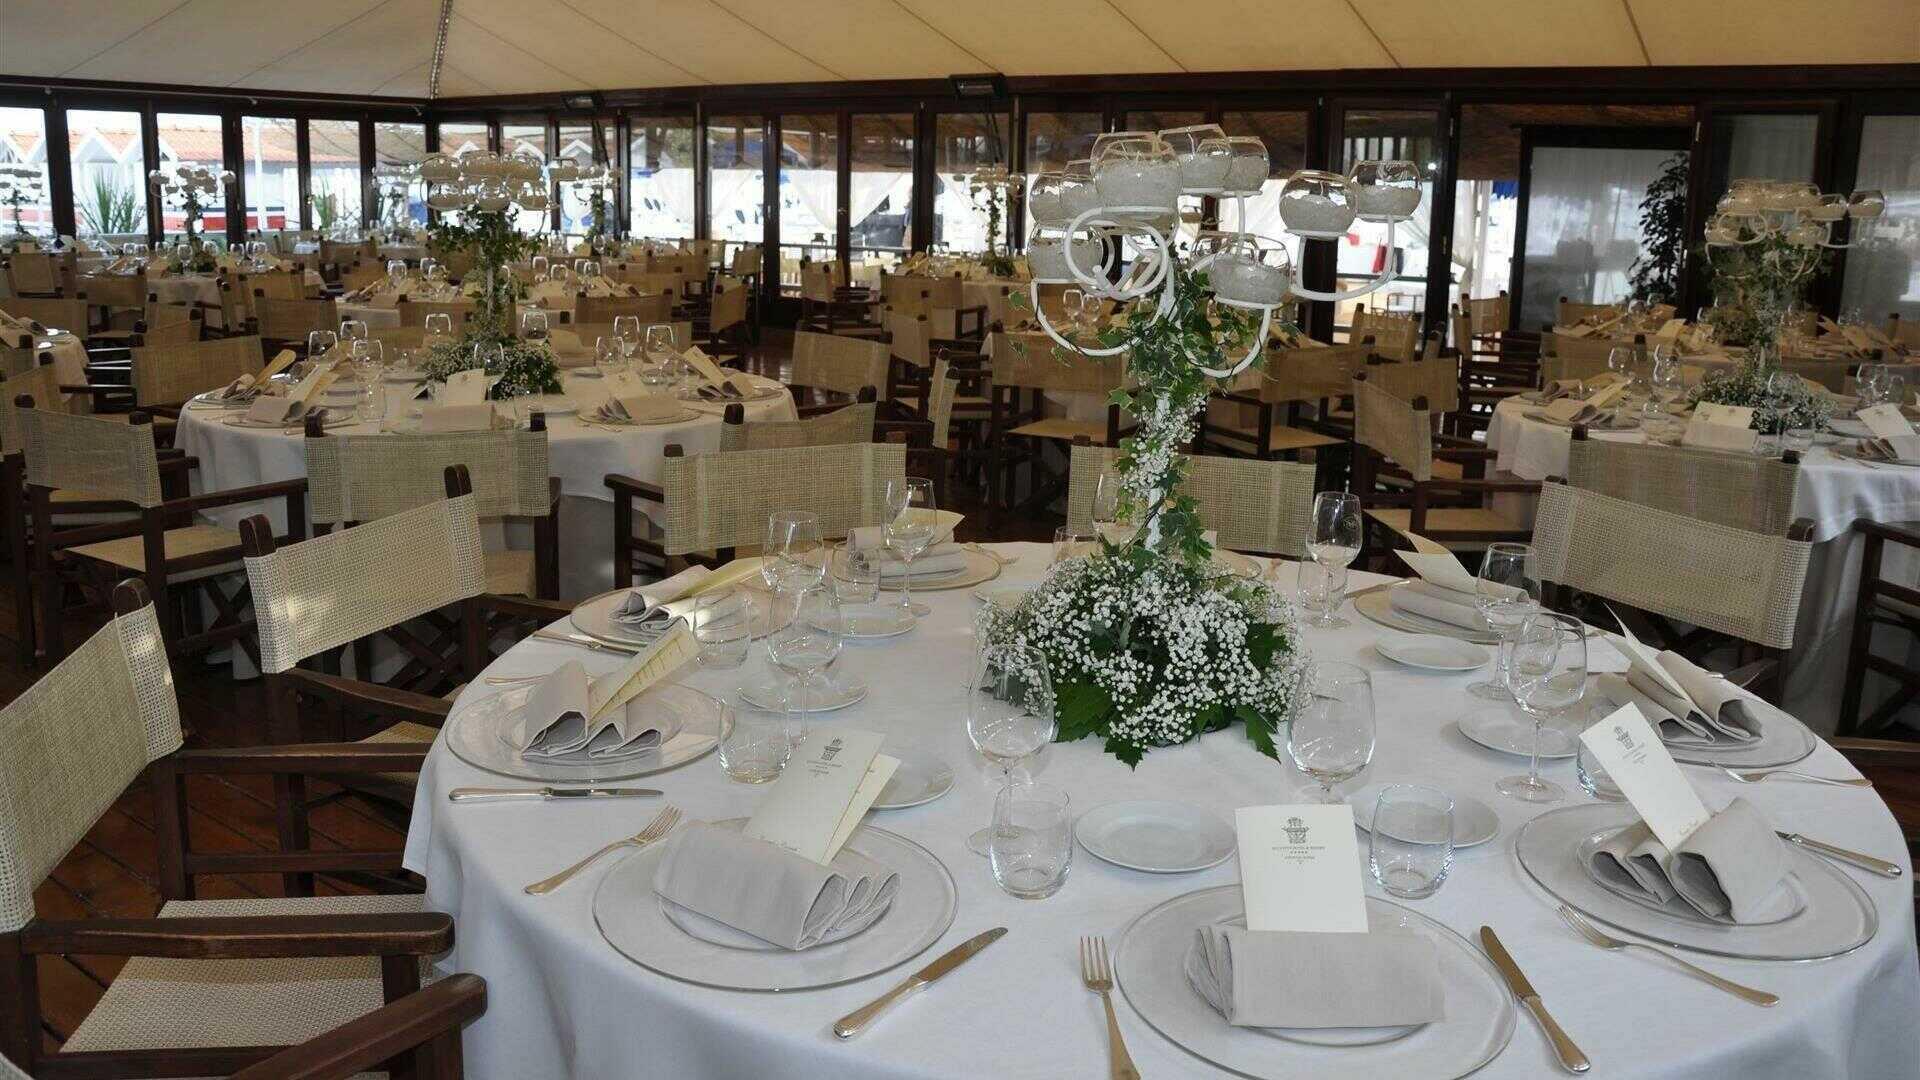 Matrimonio In Spiaggia Forte Dei Marmi : Matrimonio a avgvstvs hotel resort forte dei marmi